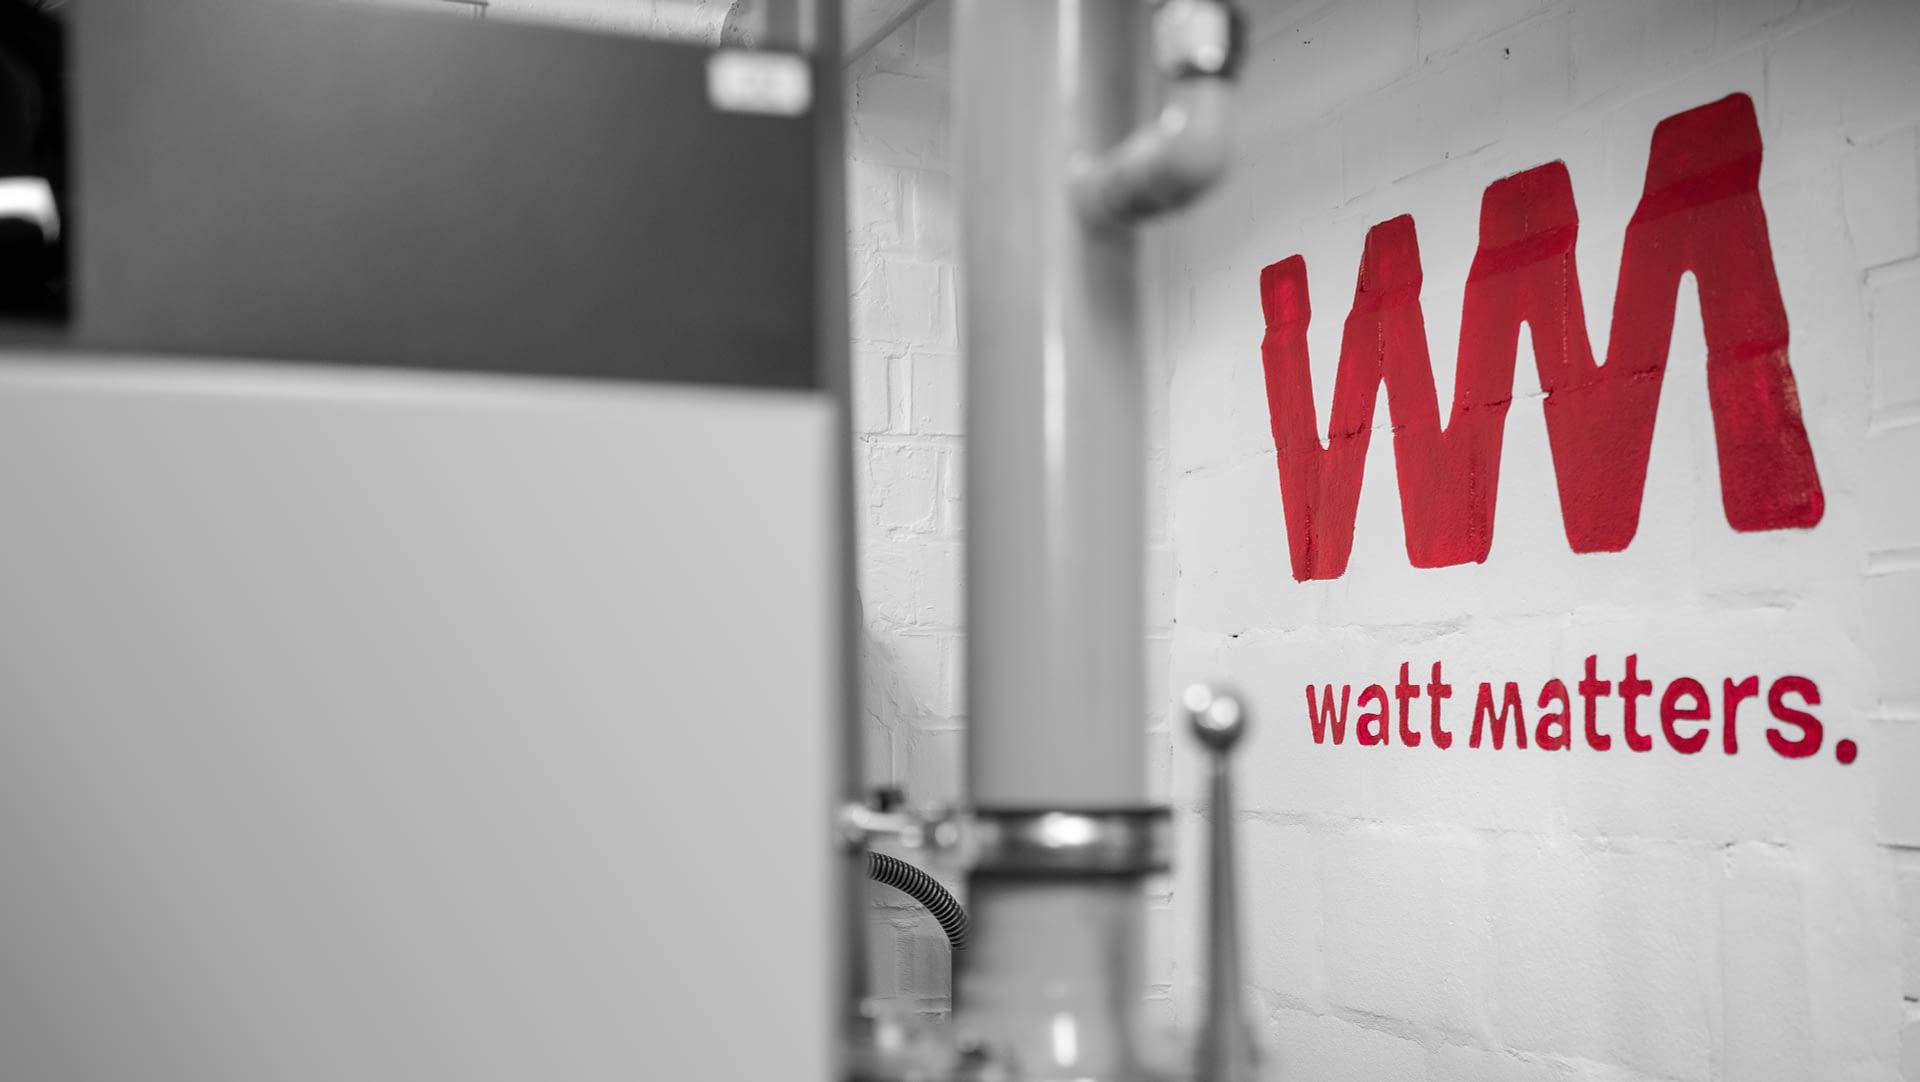 Watt Matters